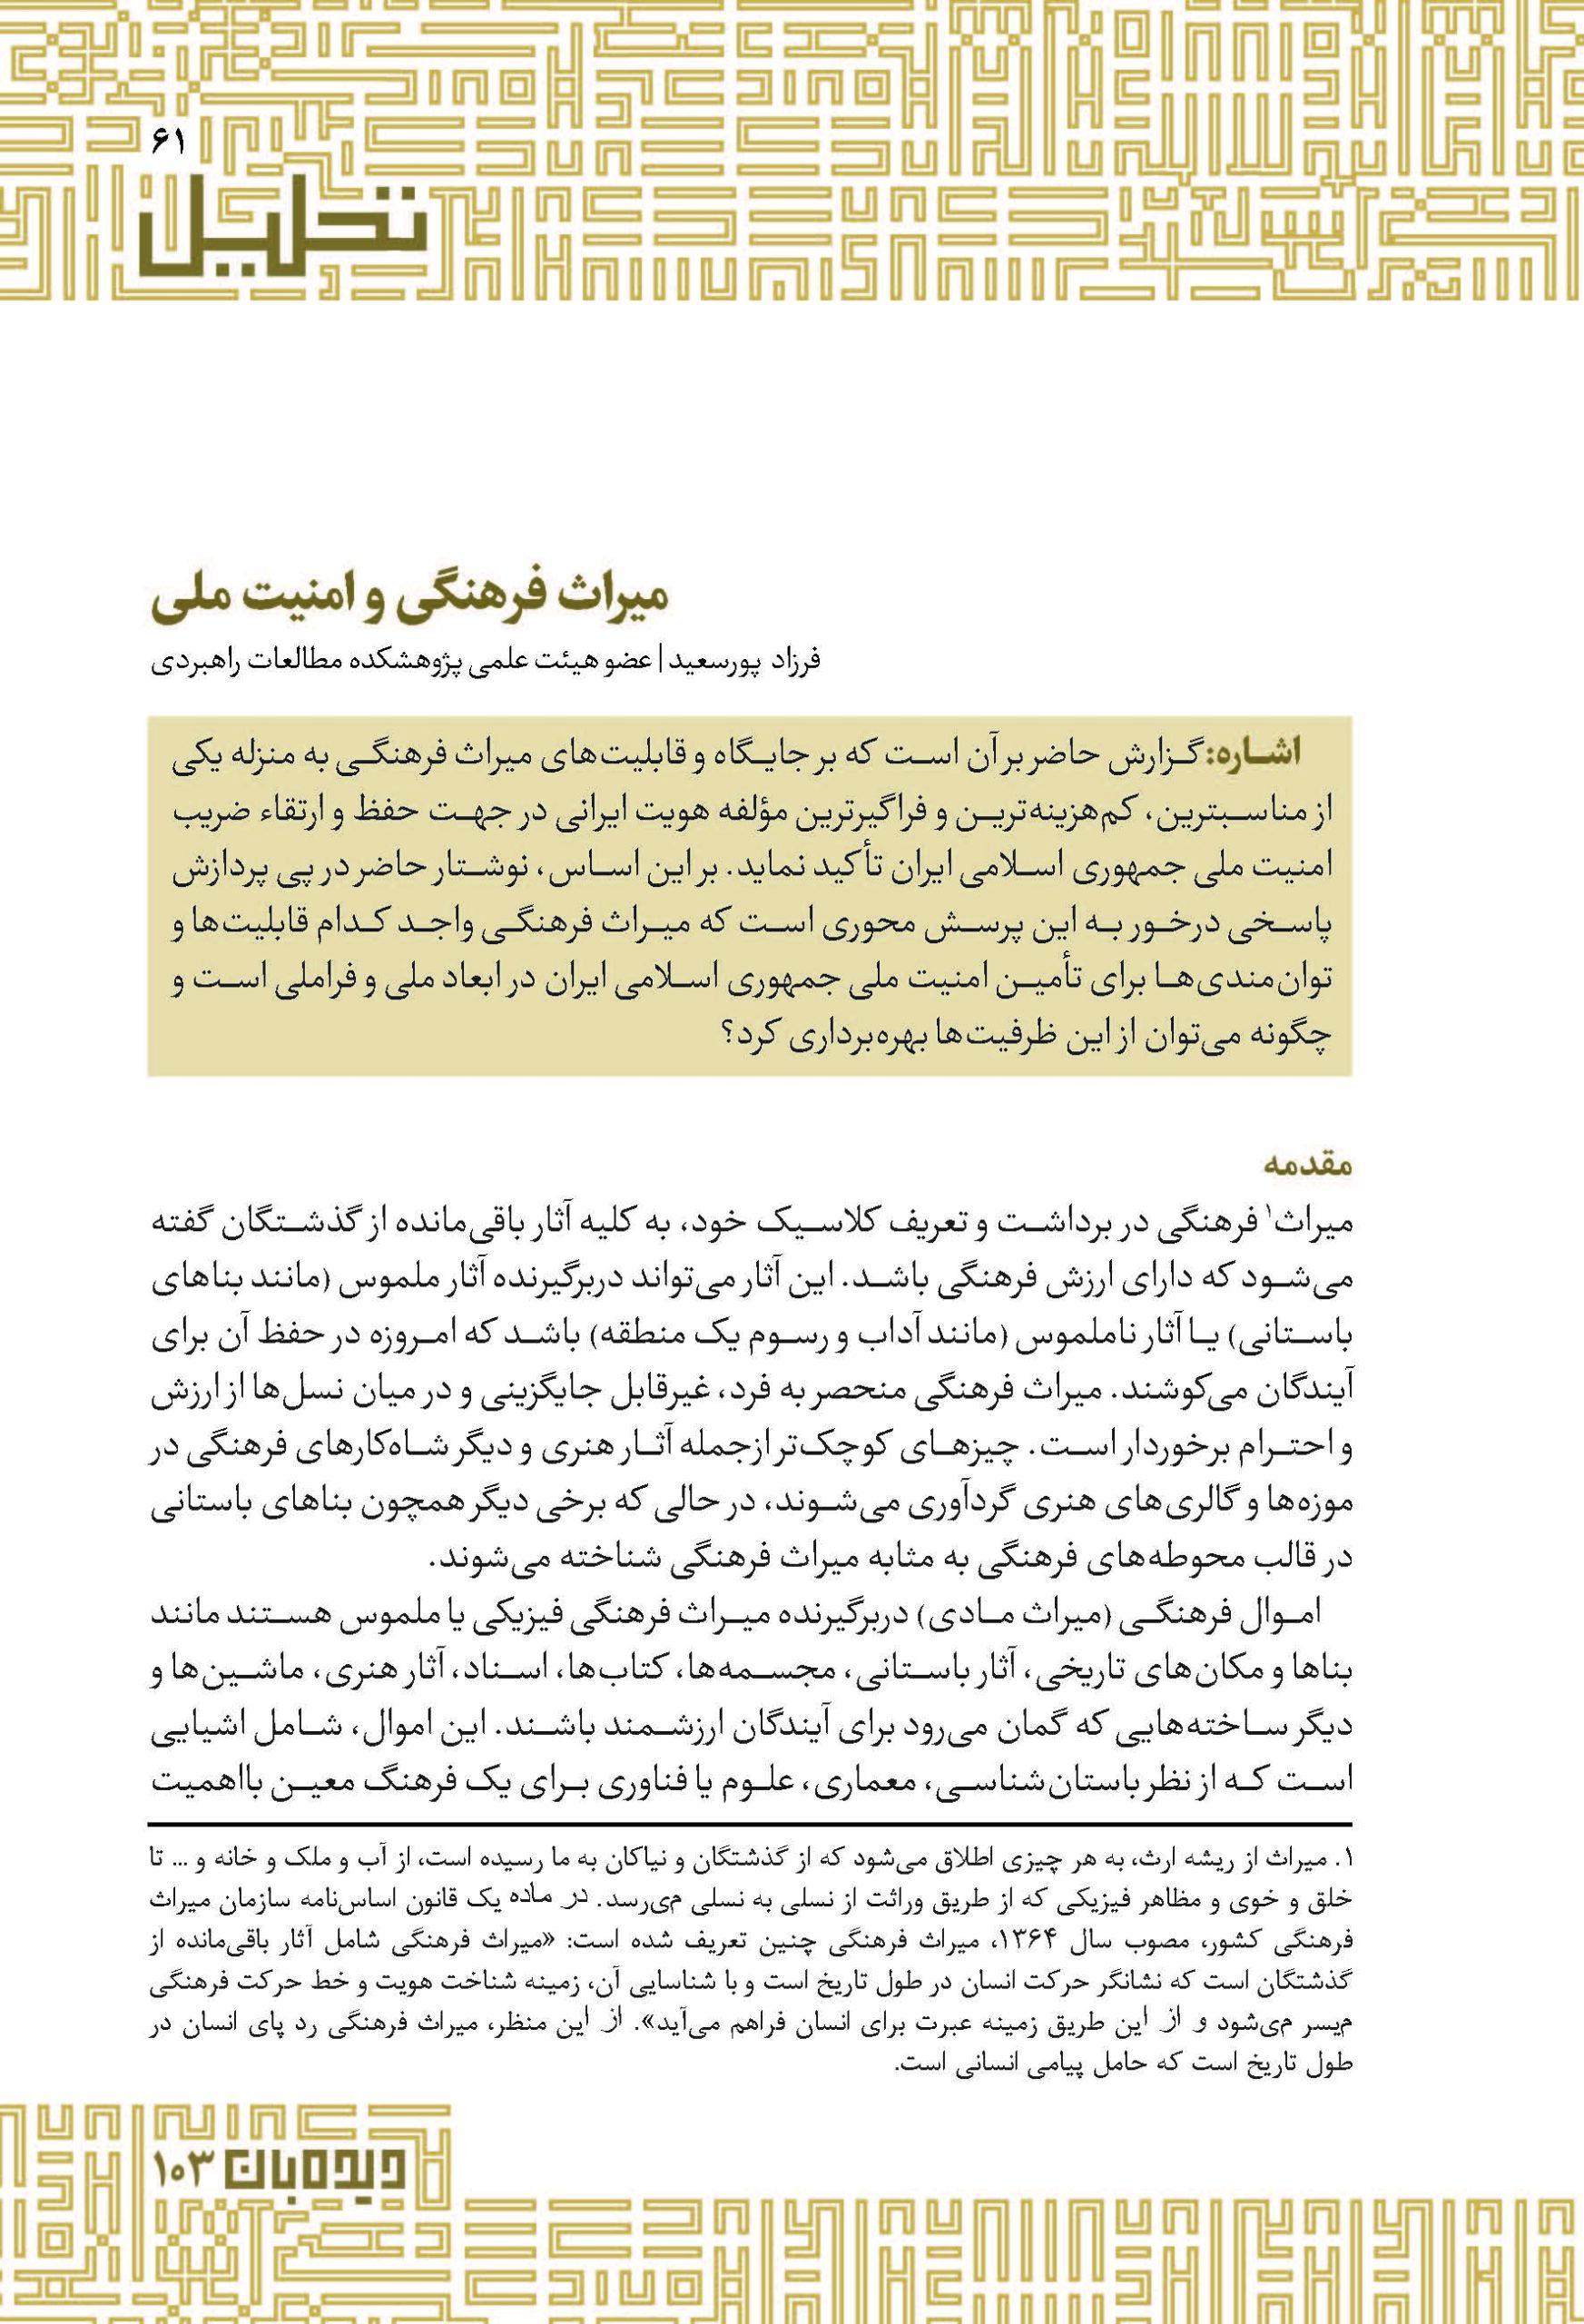 میراث فرهنگی و امنیت ملی